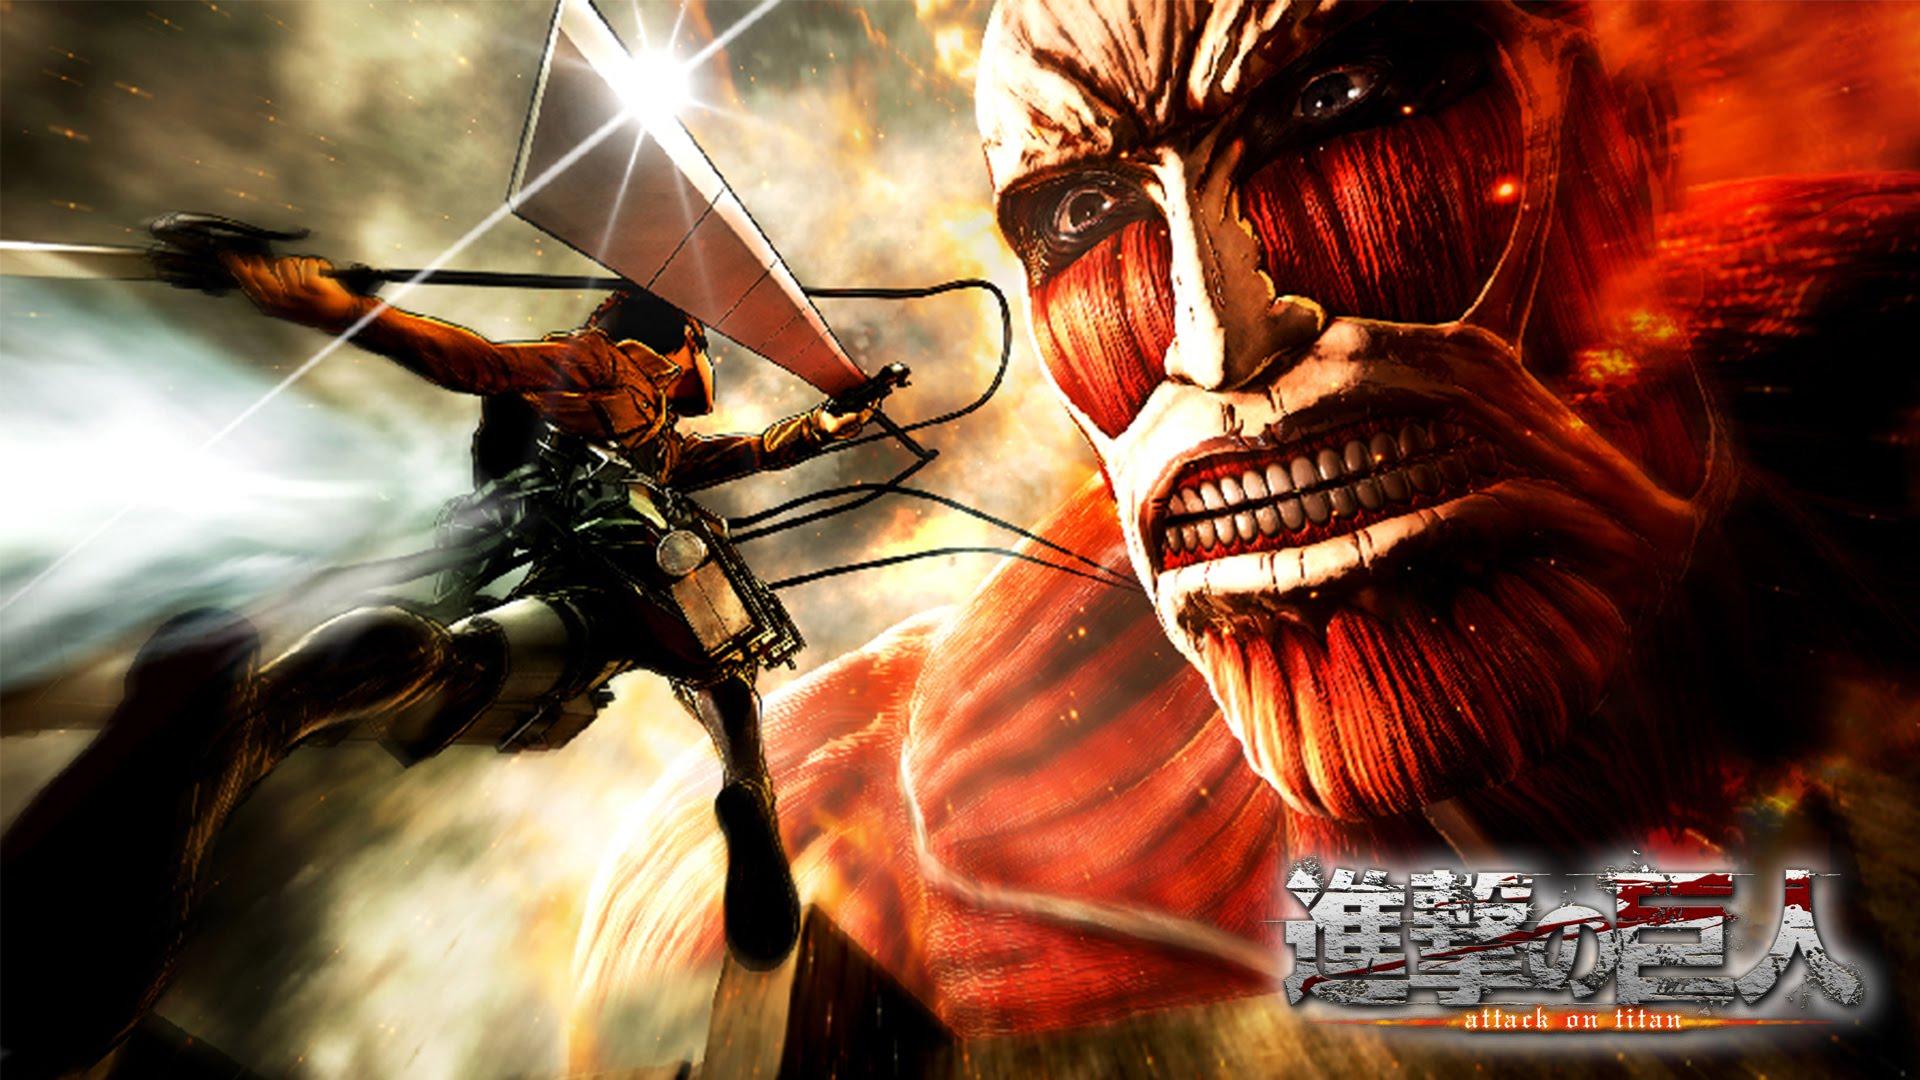 مجموعة جديدة من صور لعبة Attack on Titan 2 وإستعراض المزيد من الشخصيات